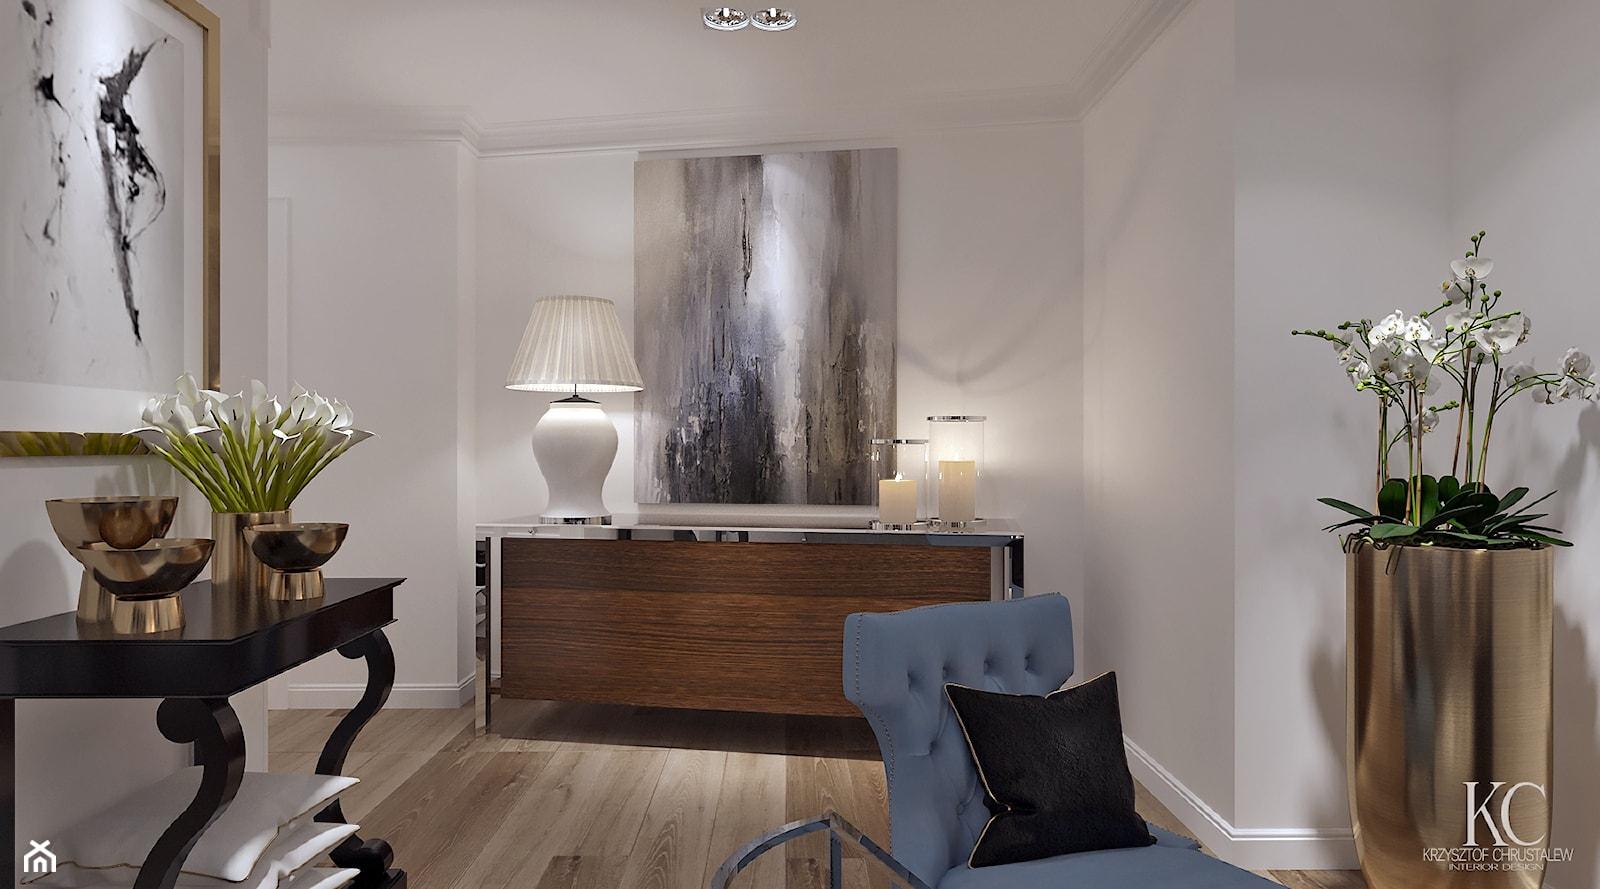 Oxygen Warszawa - Biały salon, styl klasyczny - zdjęcie od KCDESIGN - Homebook